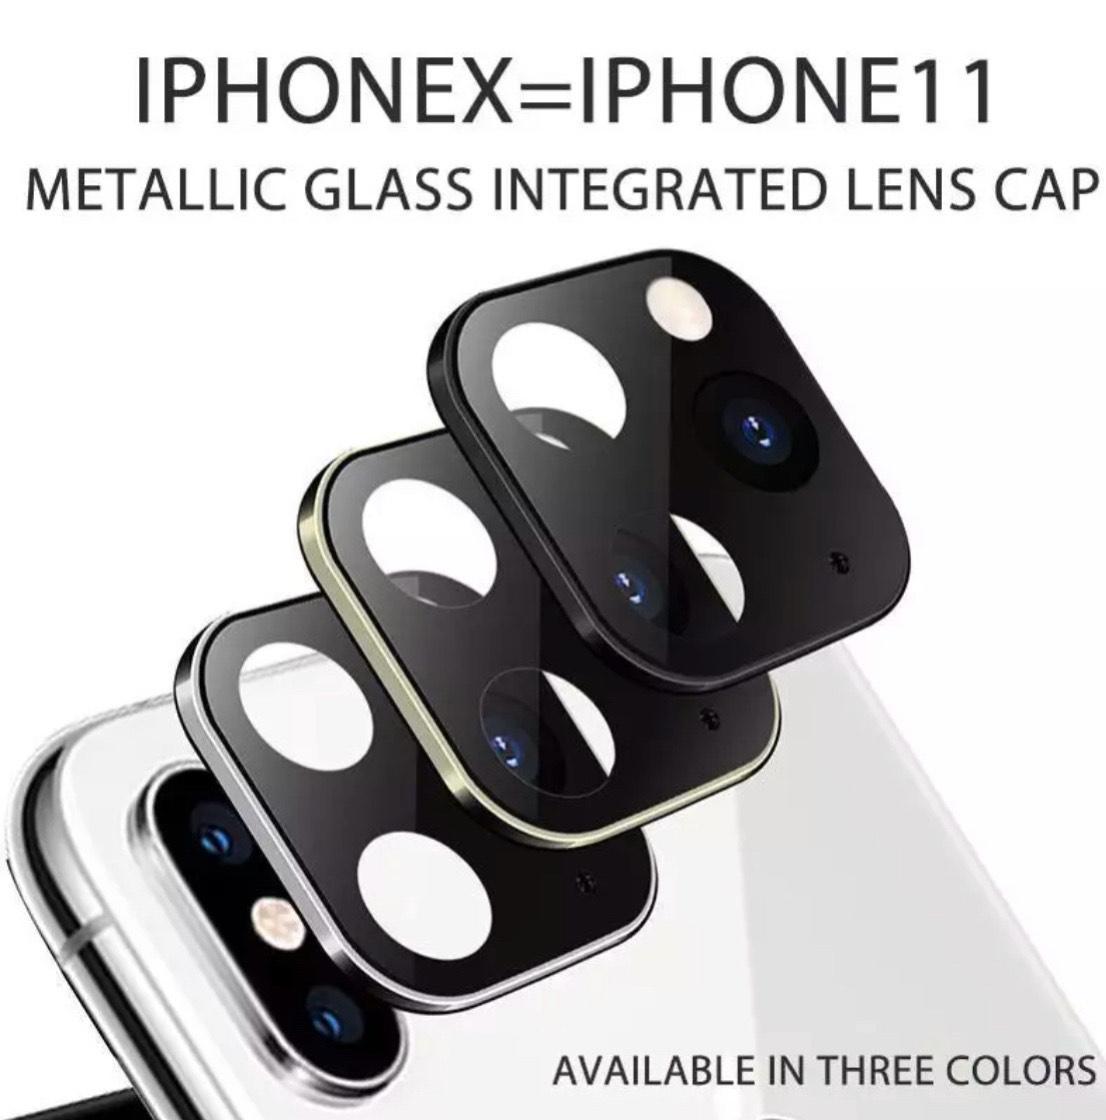 Cụm Kính Độ Camera Iphone 11 Cho Iphone X/Xs/Xr/Xsmax Siêu Giảm Giá